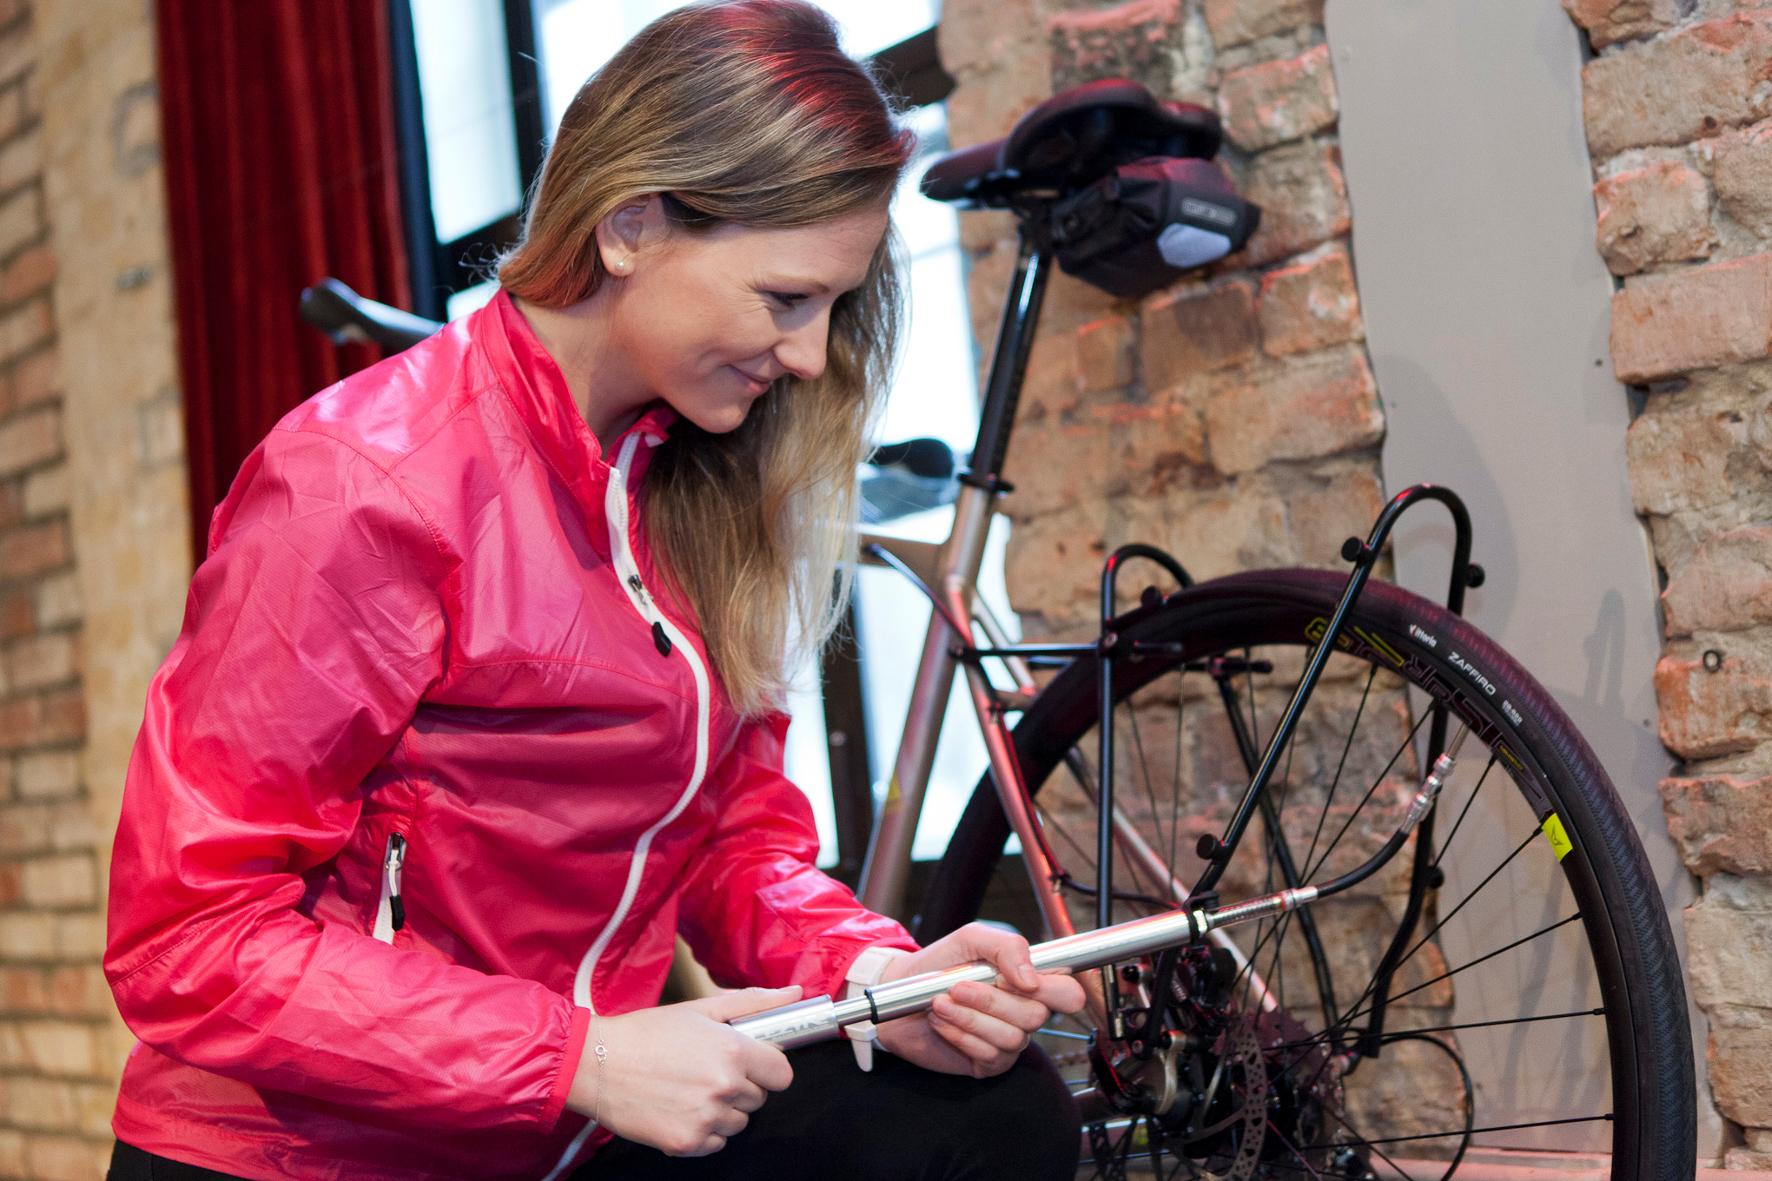 mid Groß-Gerau - Die Luftpumpe immer griffbereit: Erst mit dem richtigen Luftdruck wird die Rad-Tour zum Vergnügen.